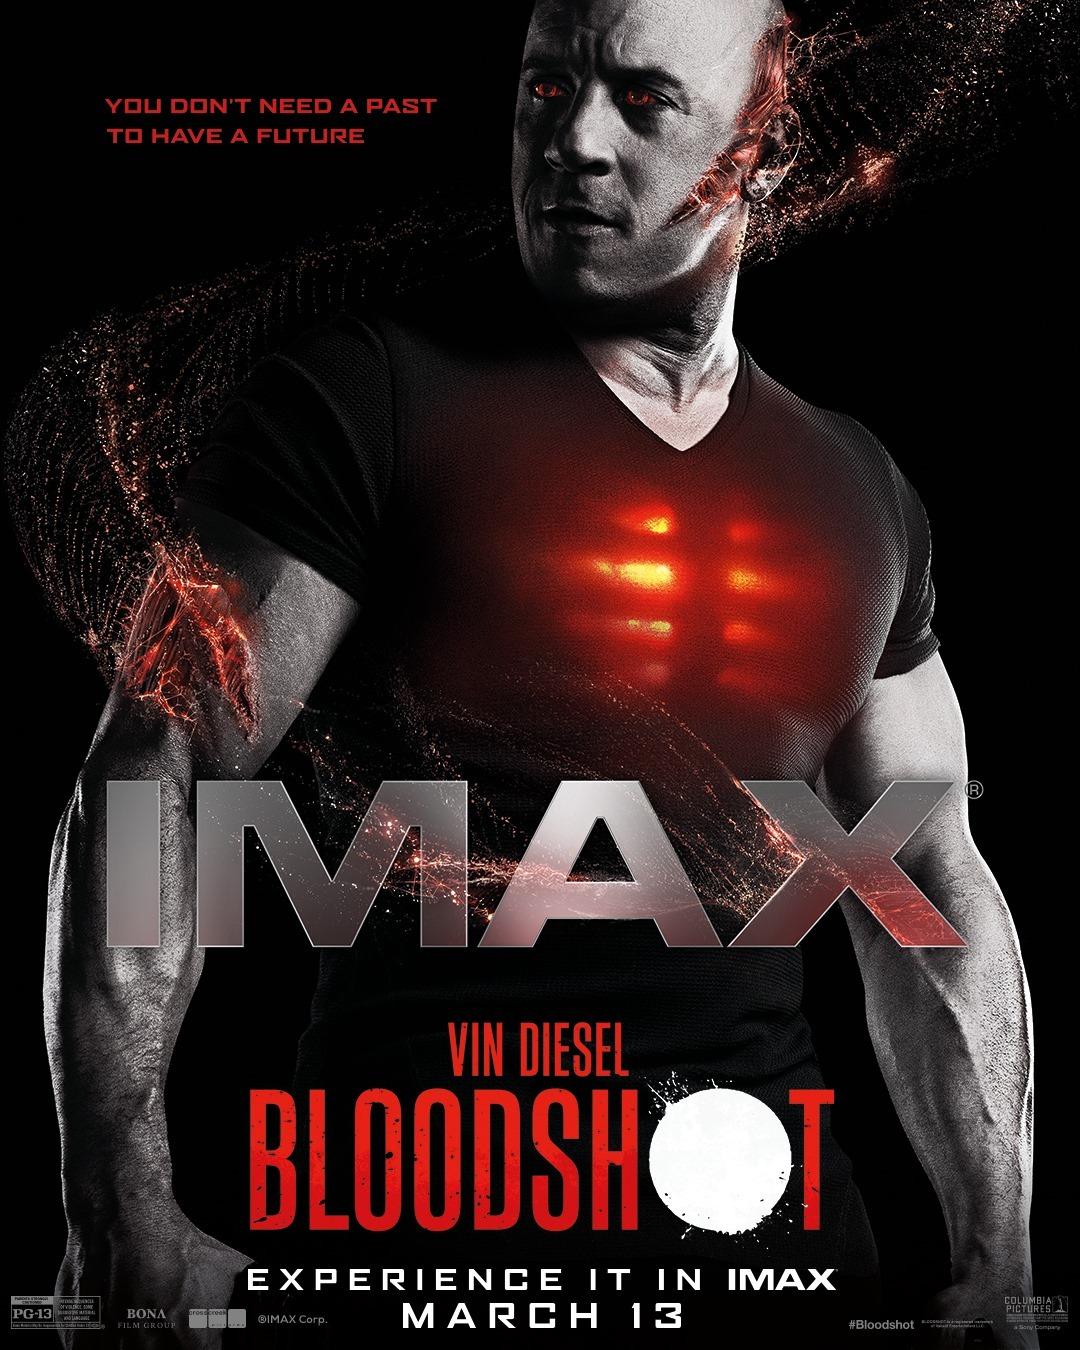 poster zum bloodshot bild 13 auf 34